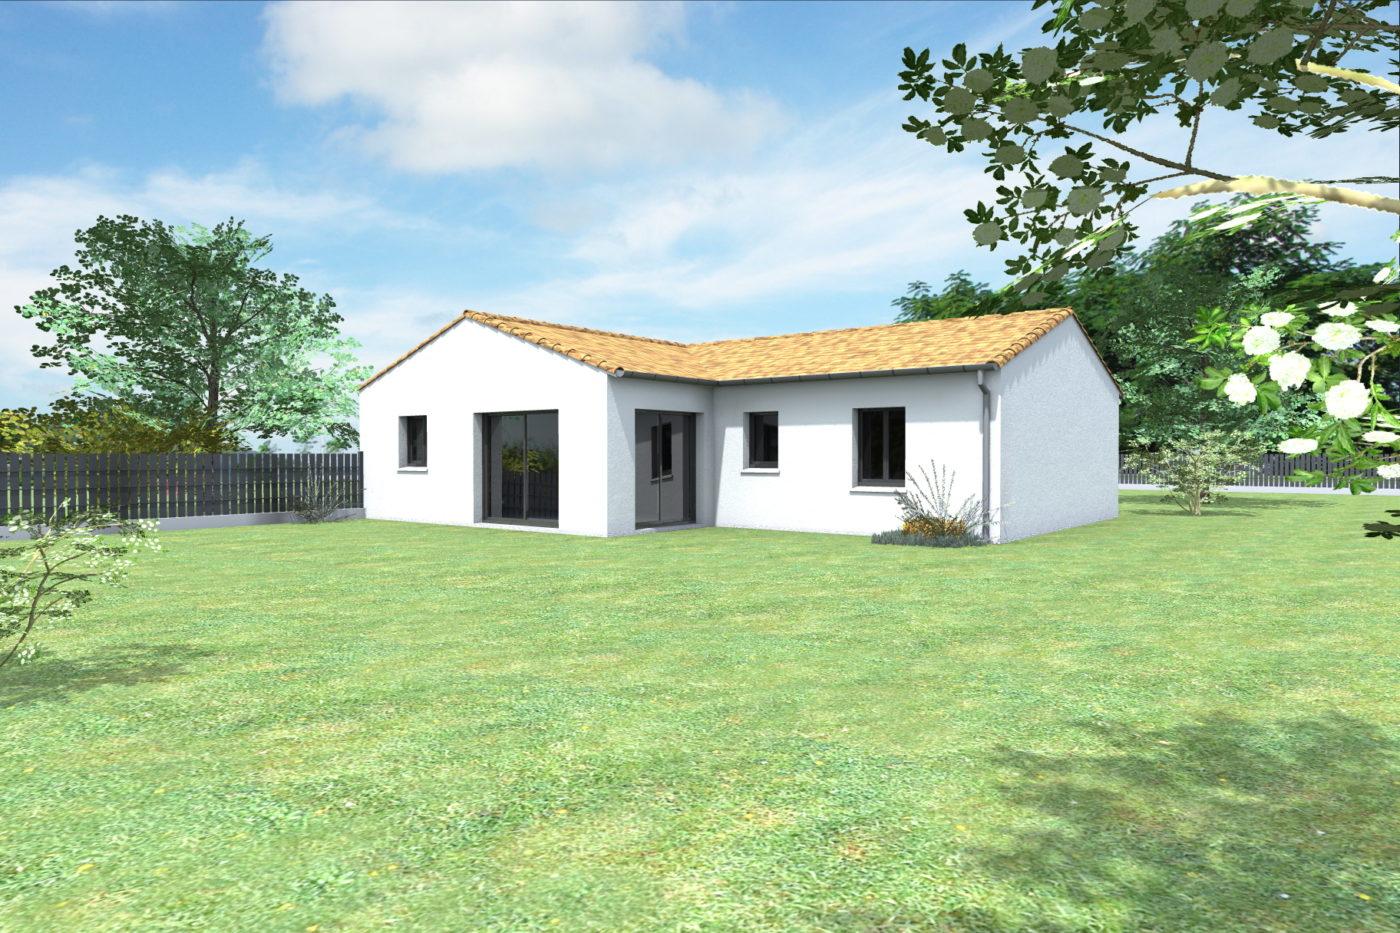 Maison construire arvert bonne maison constructeur for Constructeur de maison 81